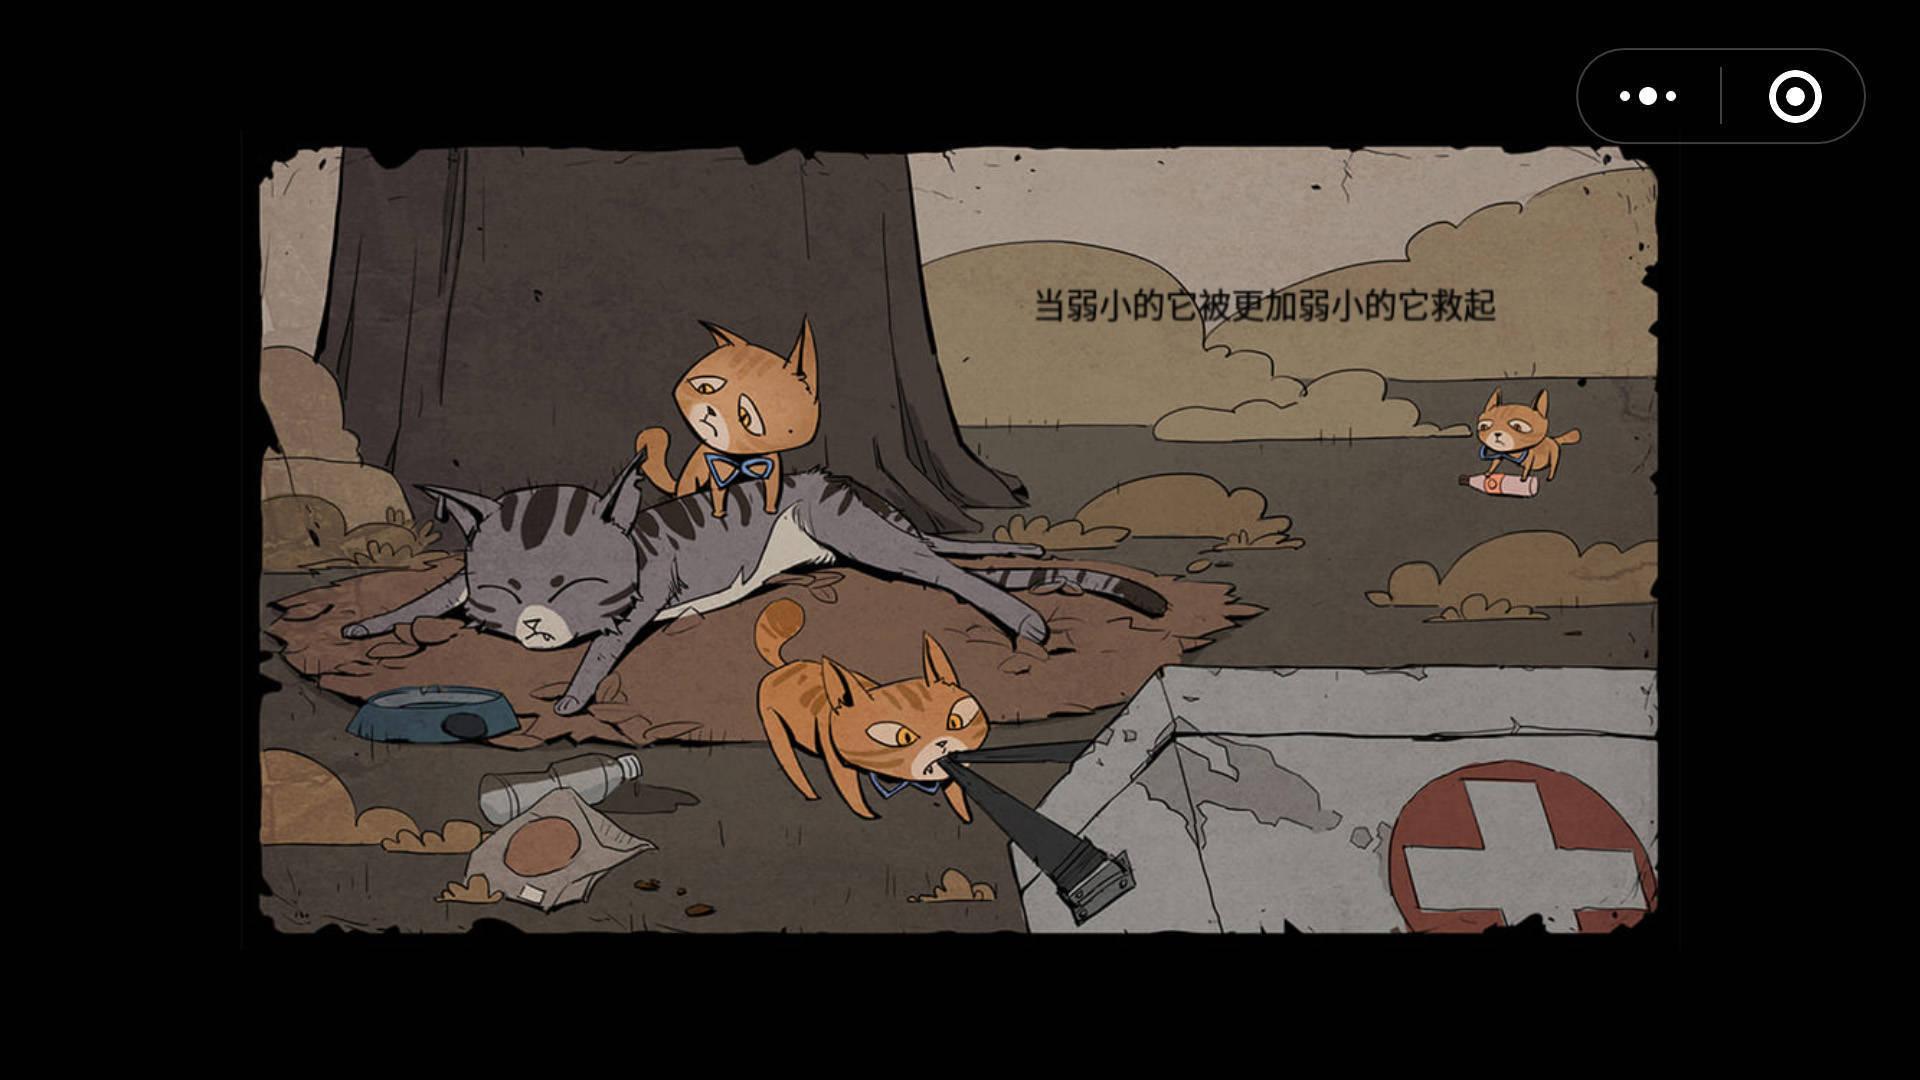 流浪猫求生之路破解版图2